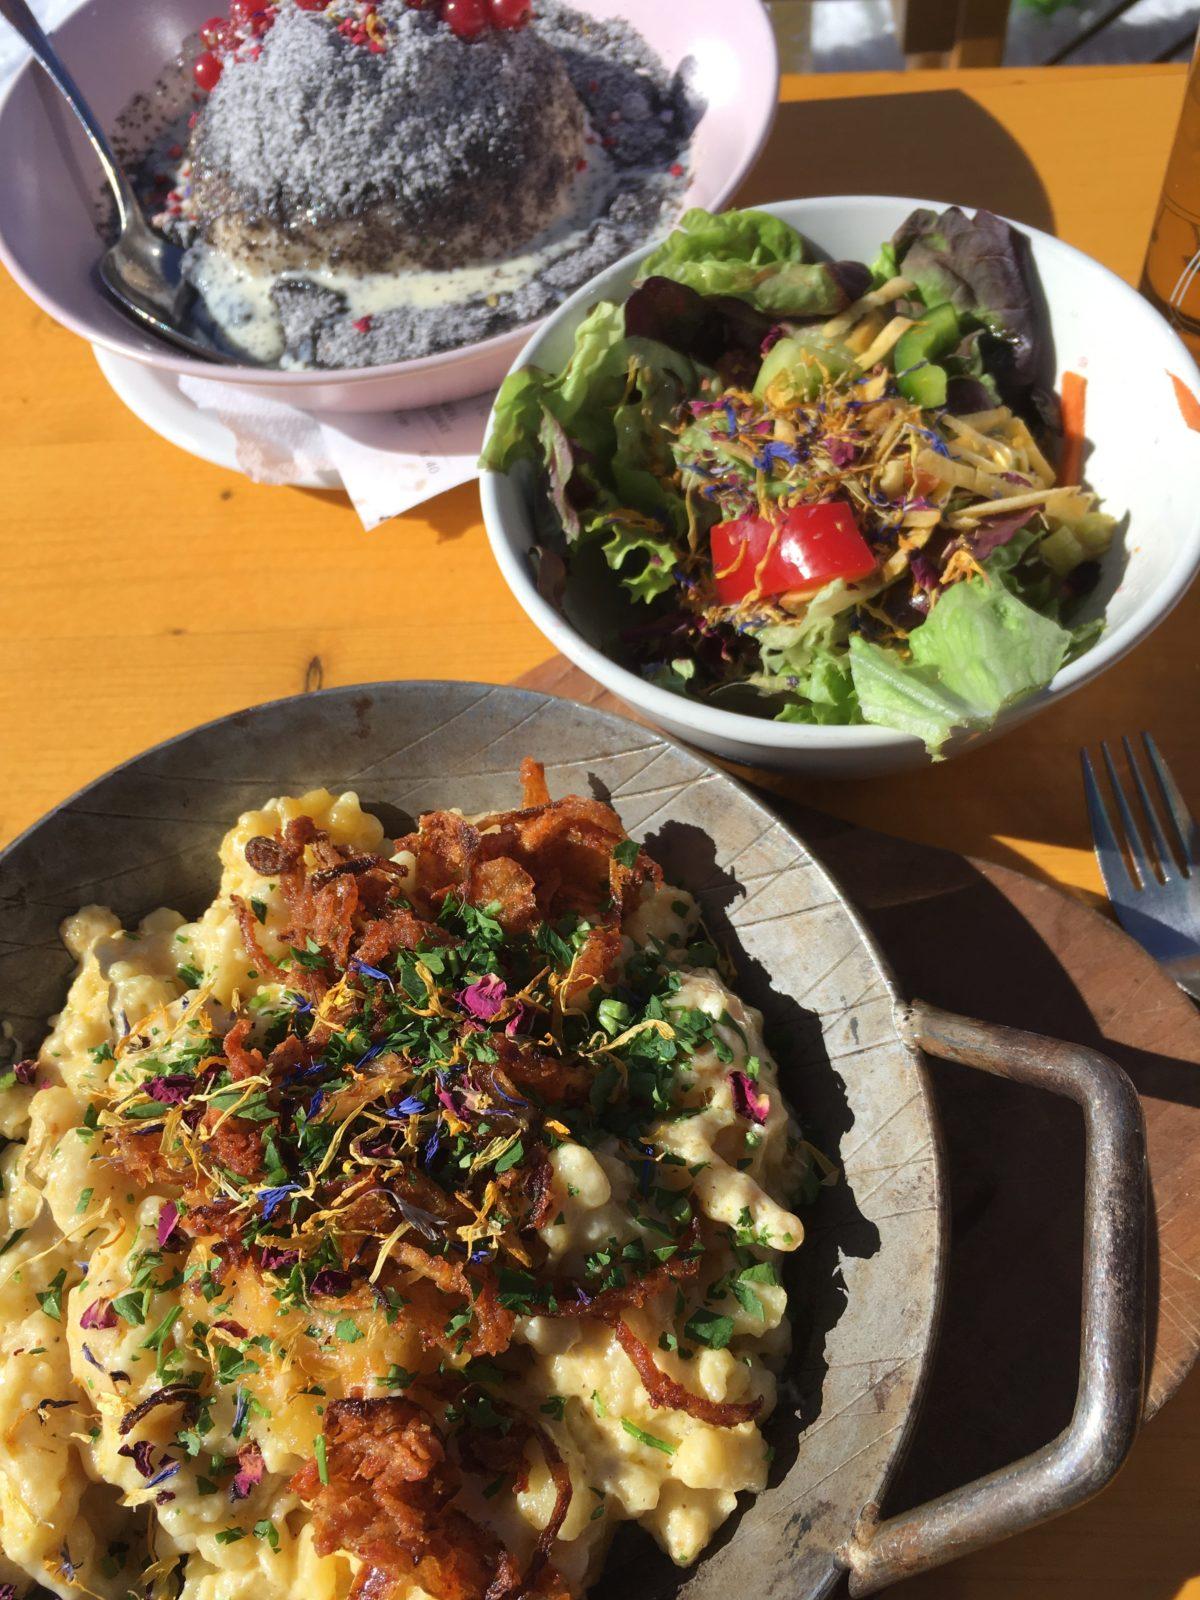 Leckeres auf der Gjaidalm: Kässpätzle, Salat und Germknödel